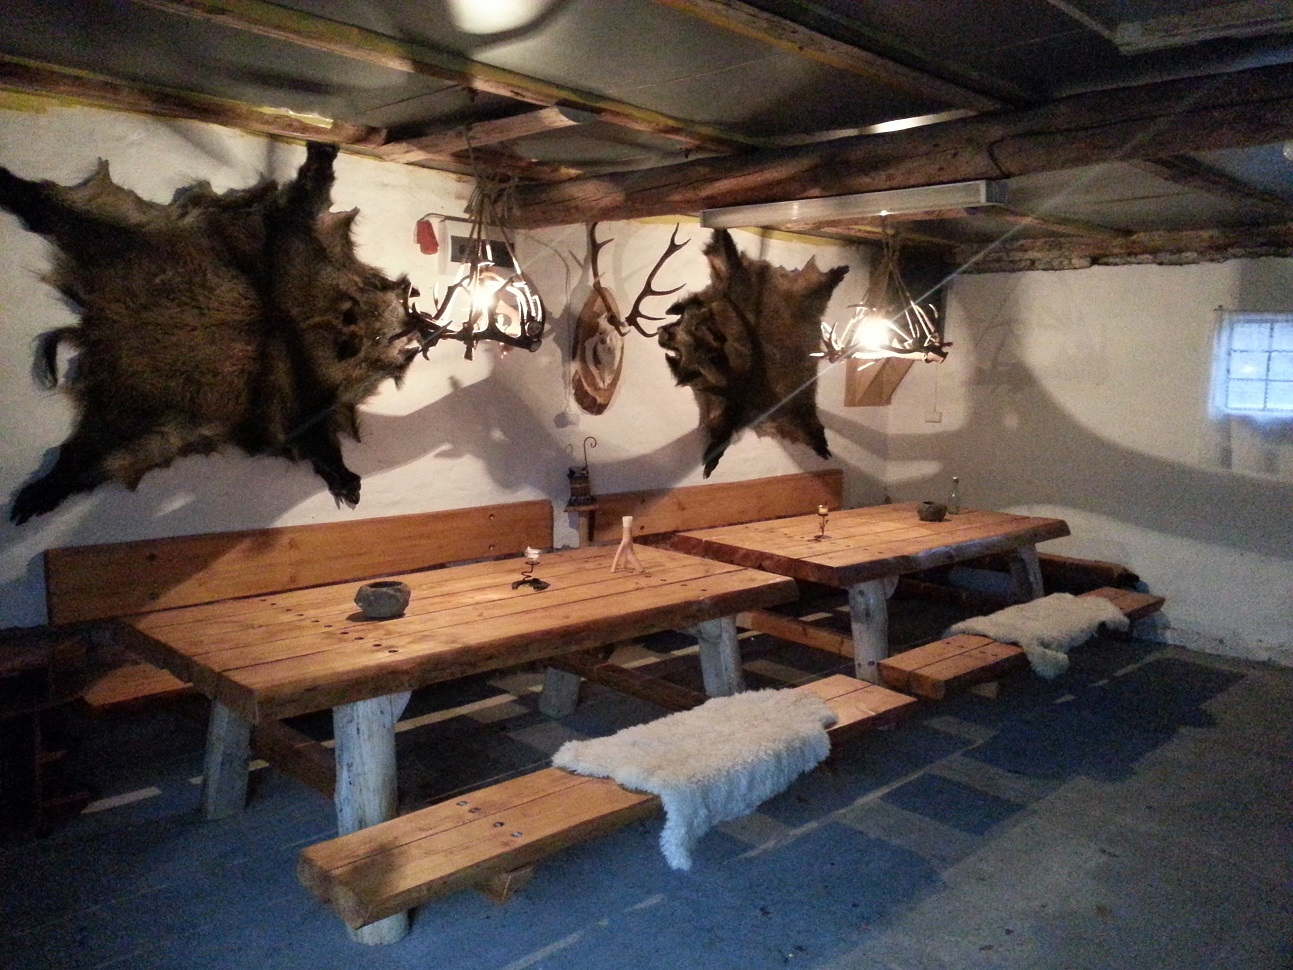 Biesiadne stoly czekaja na gosci